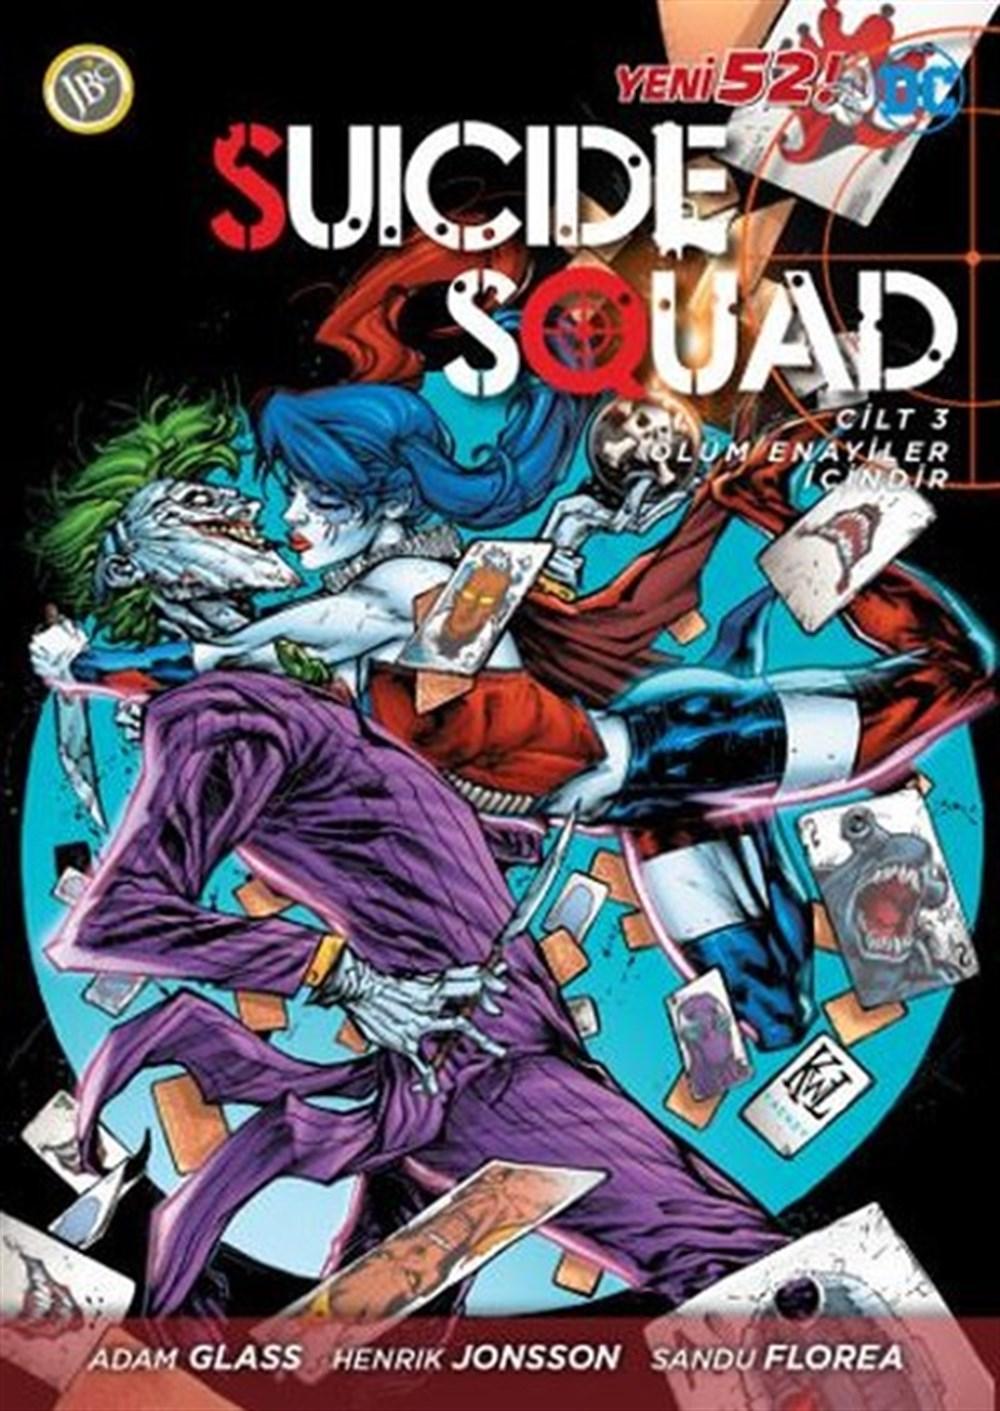 Suicide Squad Yeni 52 Cilt 3: Ölüm Enayiler İçindir